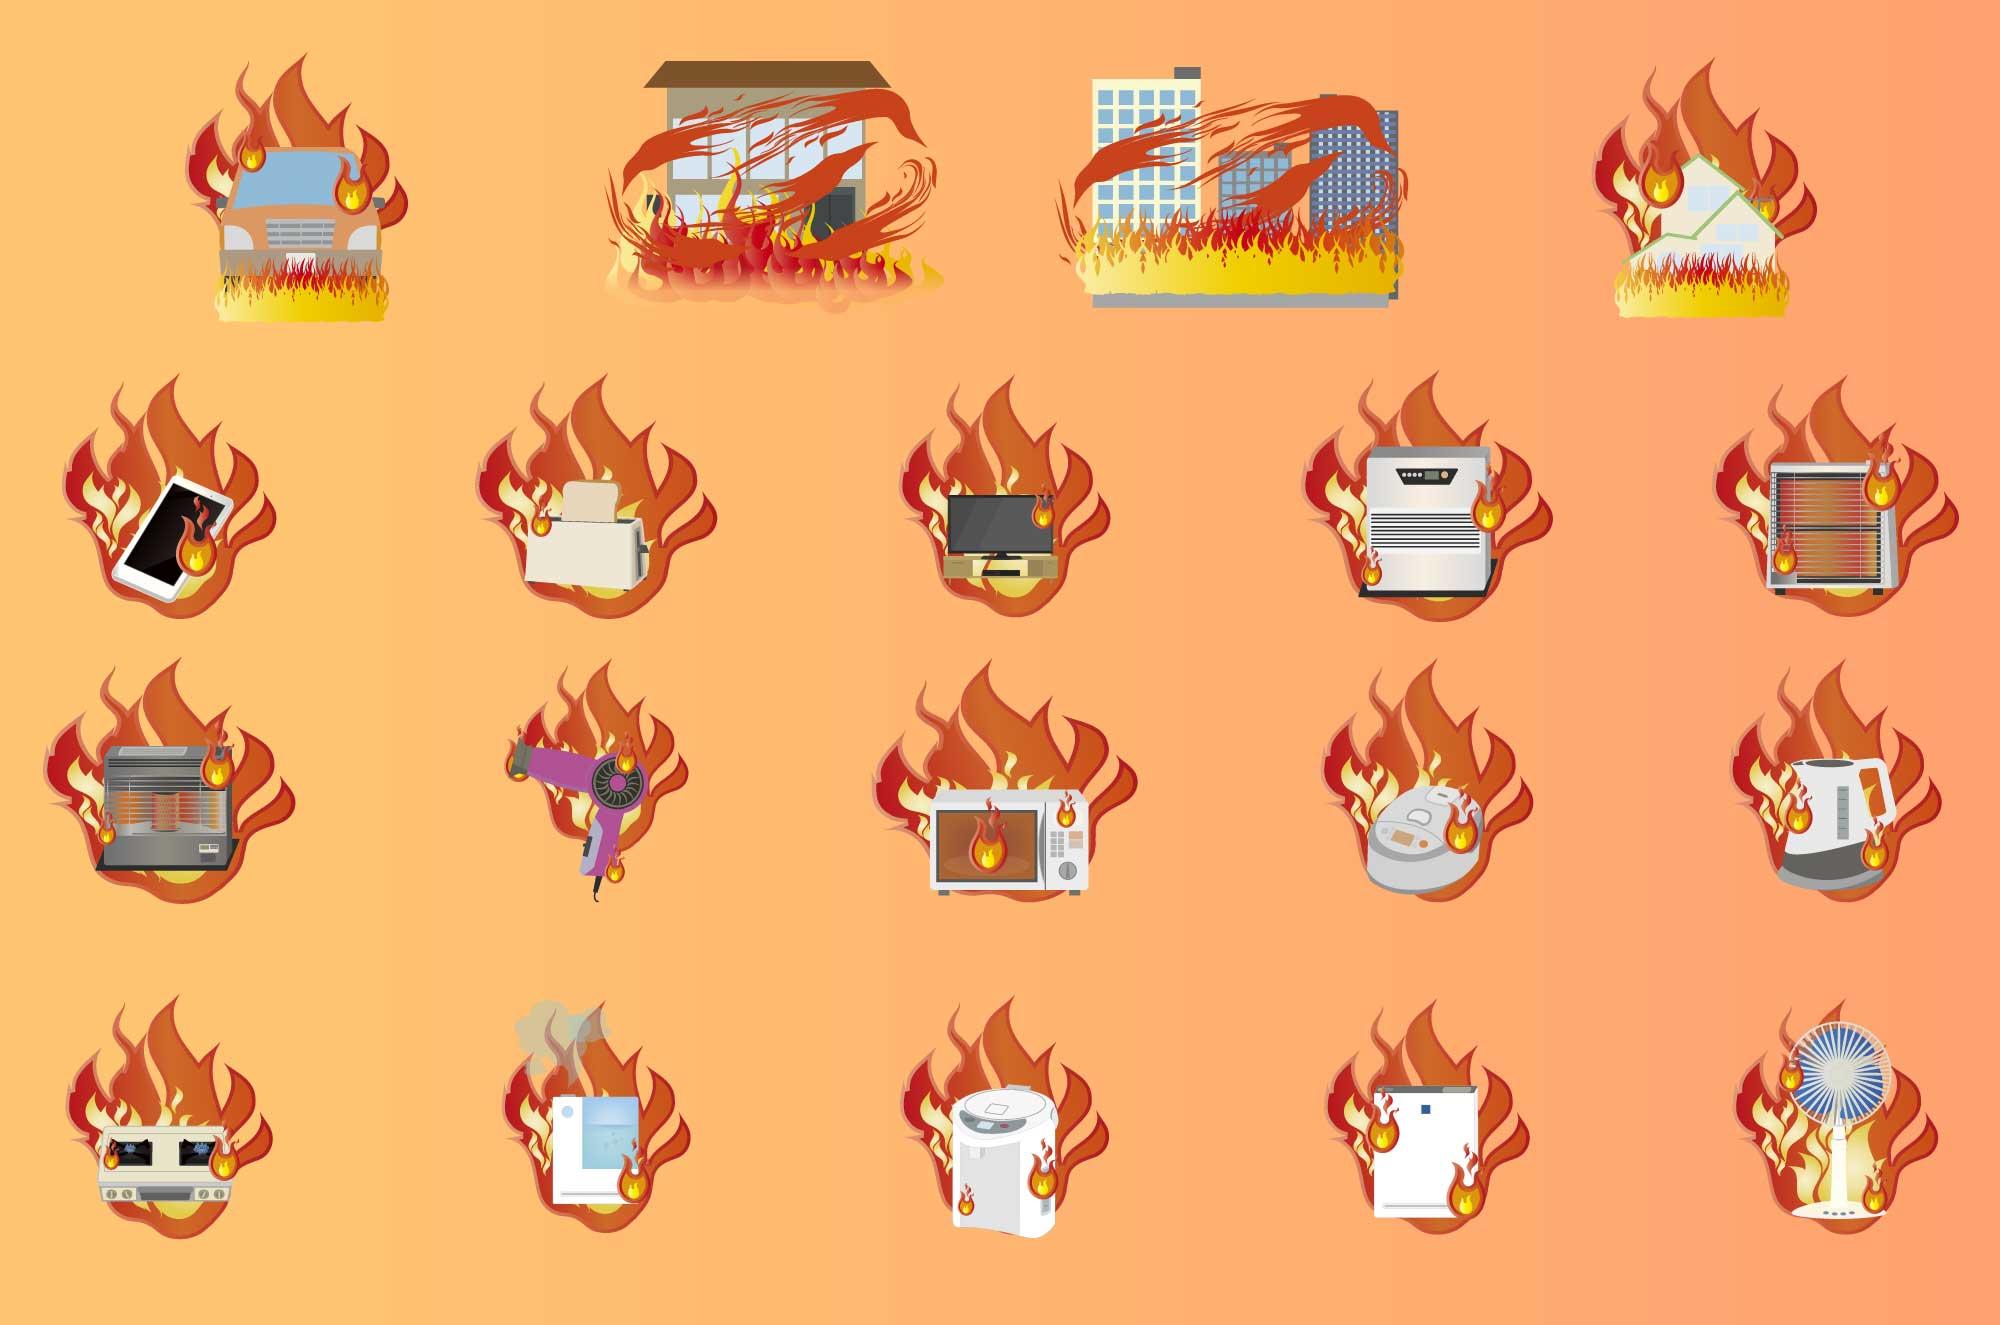 火の用心・火災・火事の注意喚起フリーイラスト素材